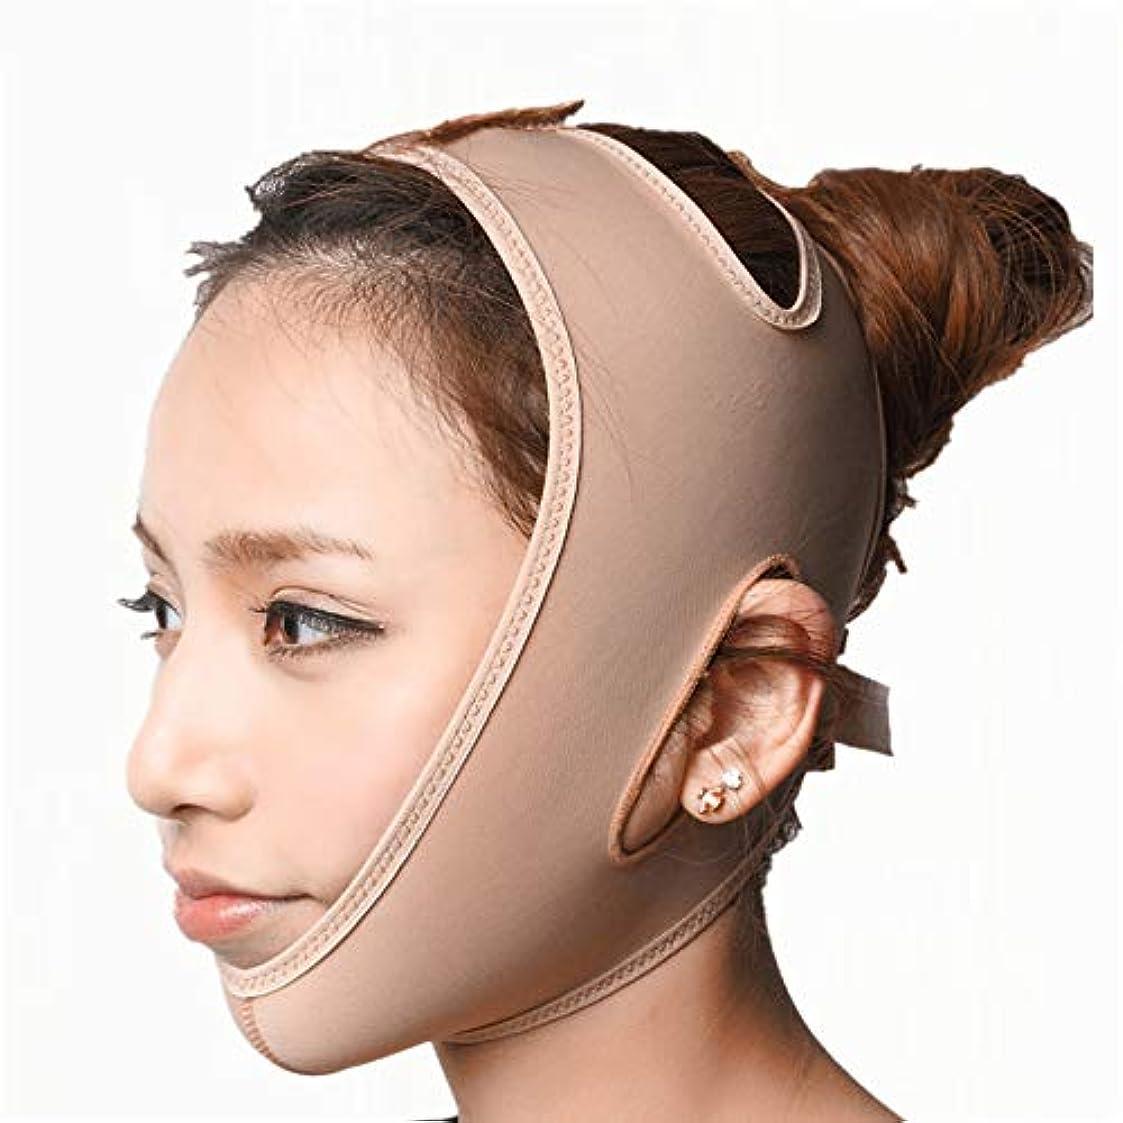 指紋不測の事態料理薄い顔のベルト - 薄い顔のアーチファクトVの顔の包帯マスクの顔のマッサージャー薄いダブルの顎のデバイス 美しさ